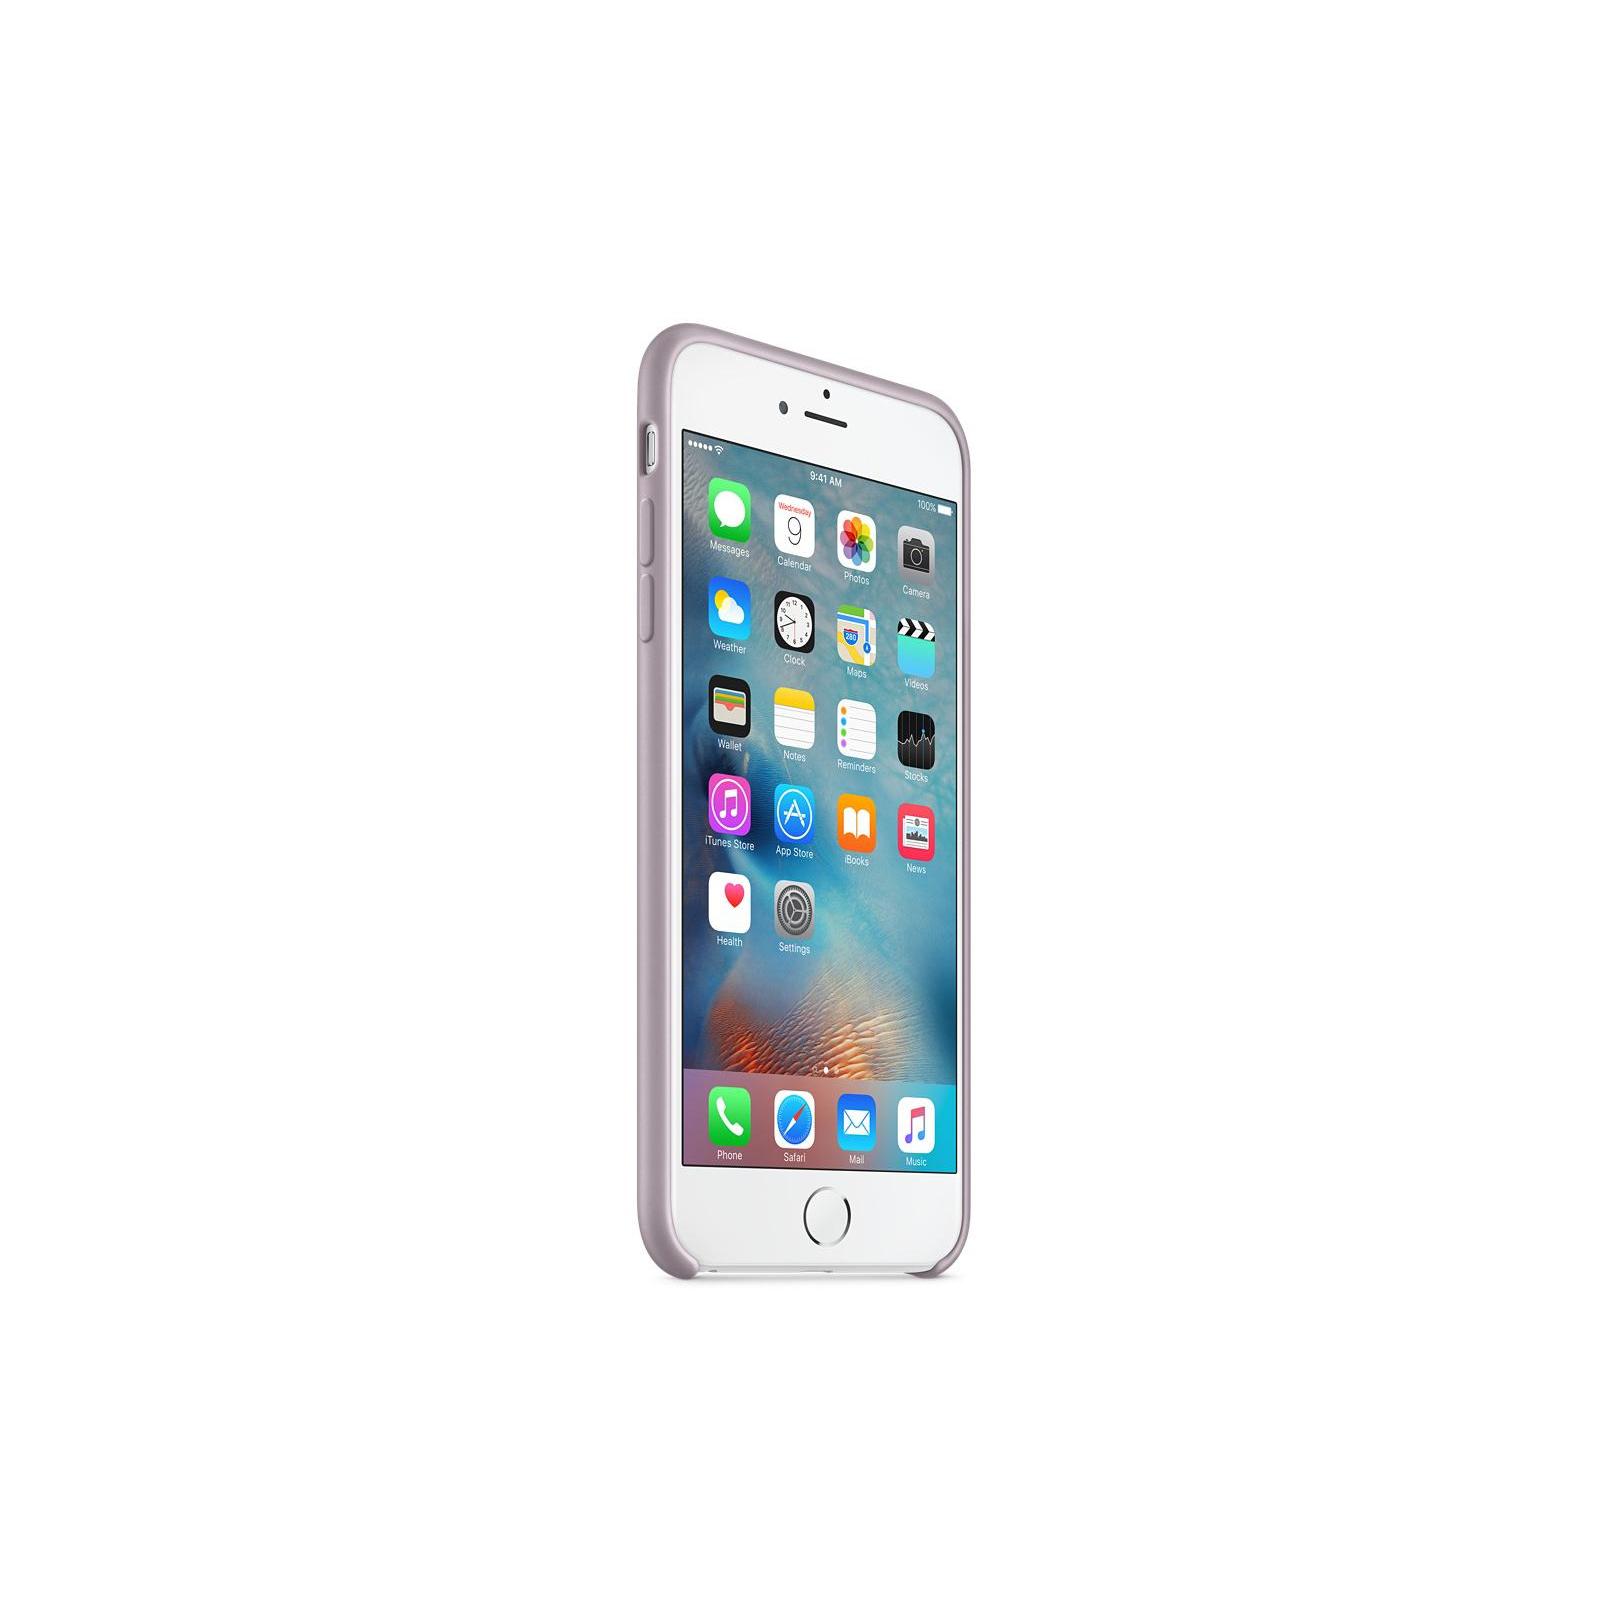 Чехол для моб. телефона Apple для iPhone 6 Plus/6s Plus Lavender (MLD02ZM/A) изображение 4